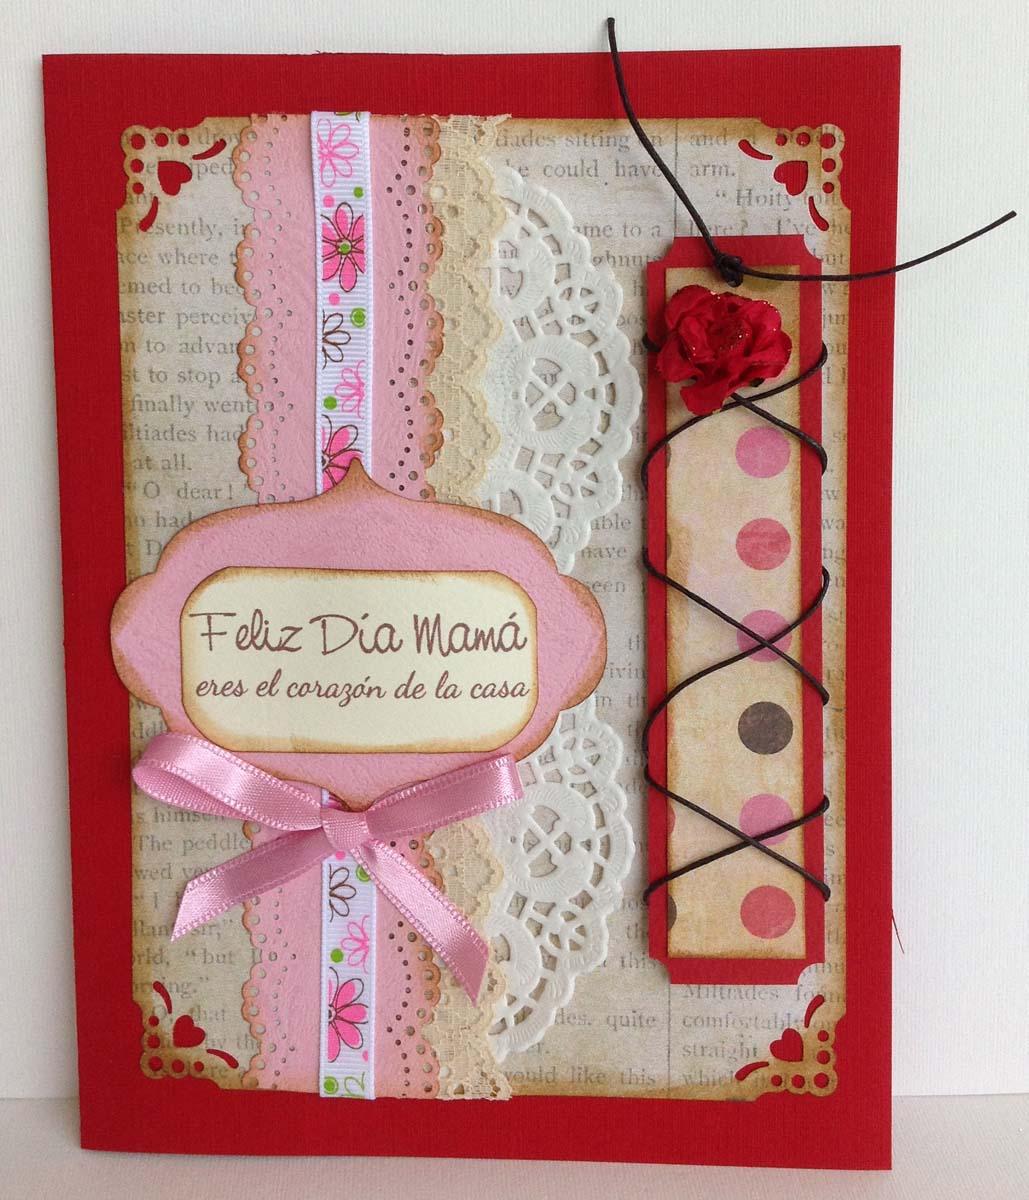 tarjeta scrapbook para el dia de la madre (12)